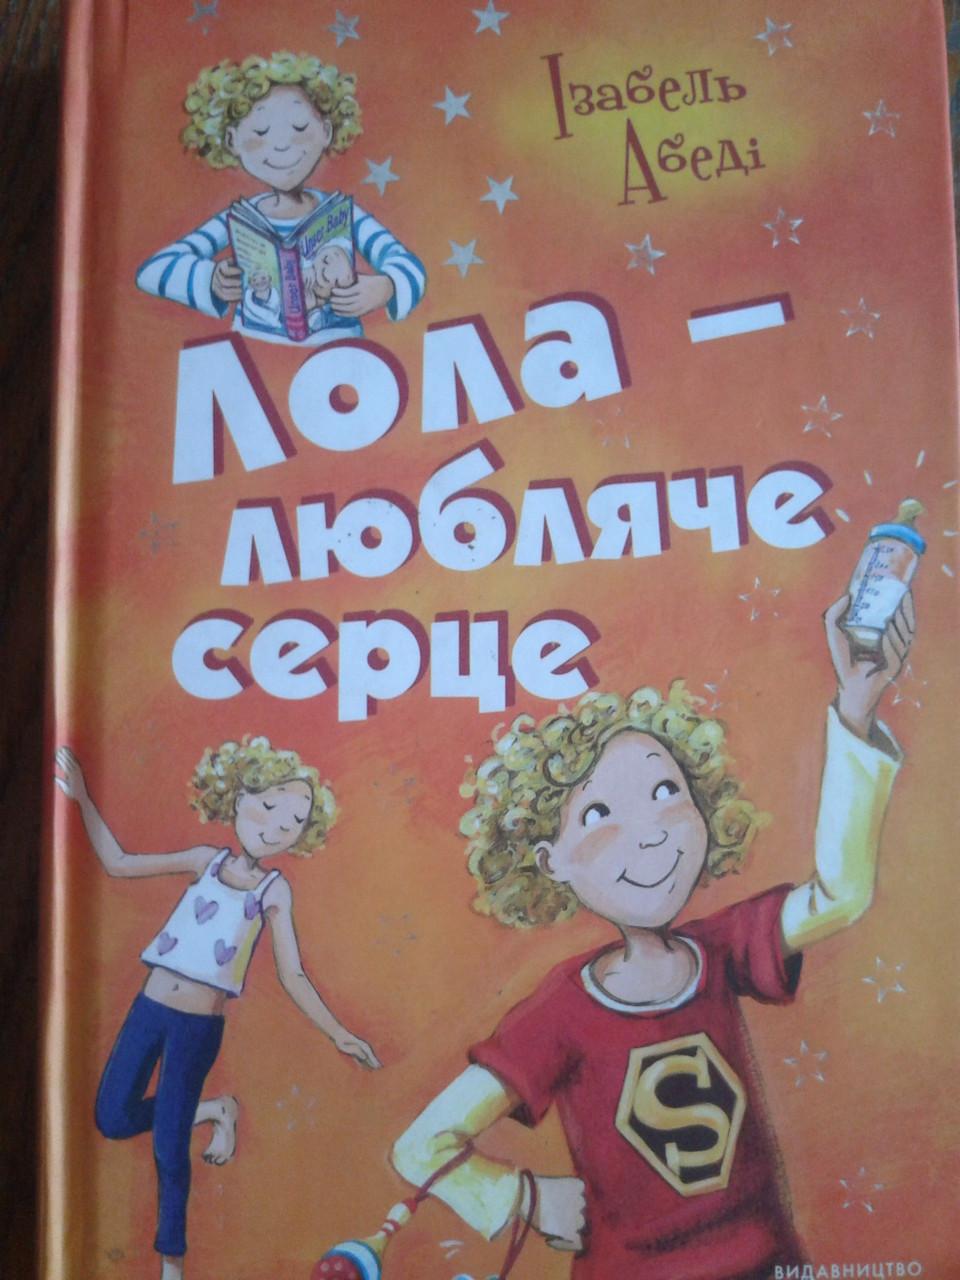 Серія захоплюючих книг для підлітків відомої німецької письменниці Ізабель Абеді про пригоди дівчинки Лоли стала популярною у всьому світі.